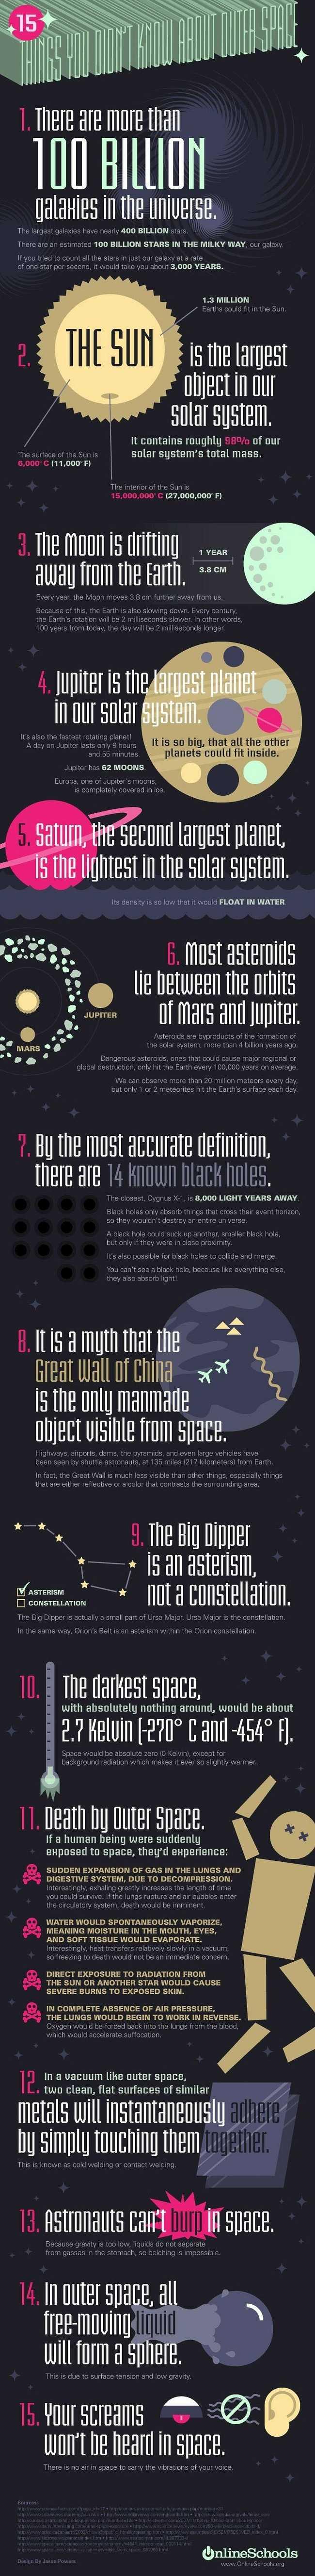 15 datos sobre el espacio exterior que no conoces